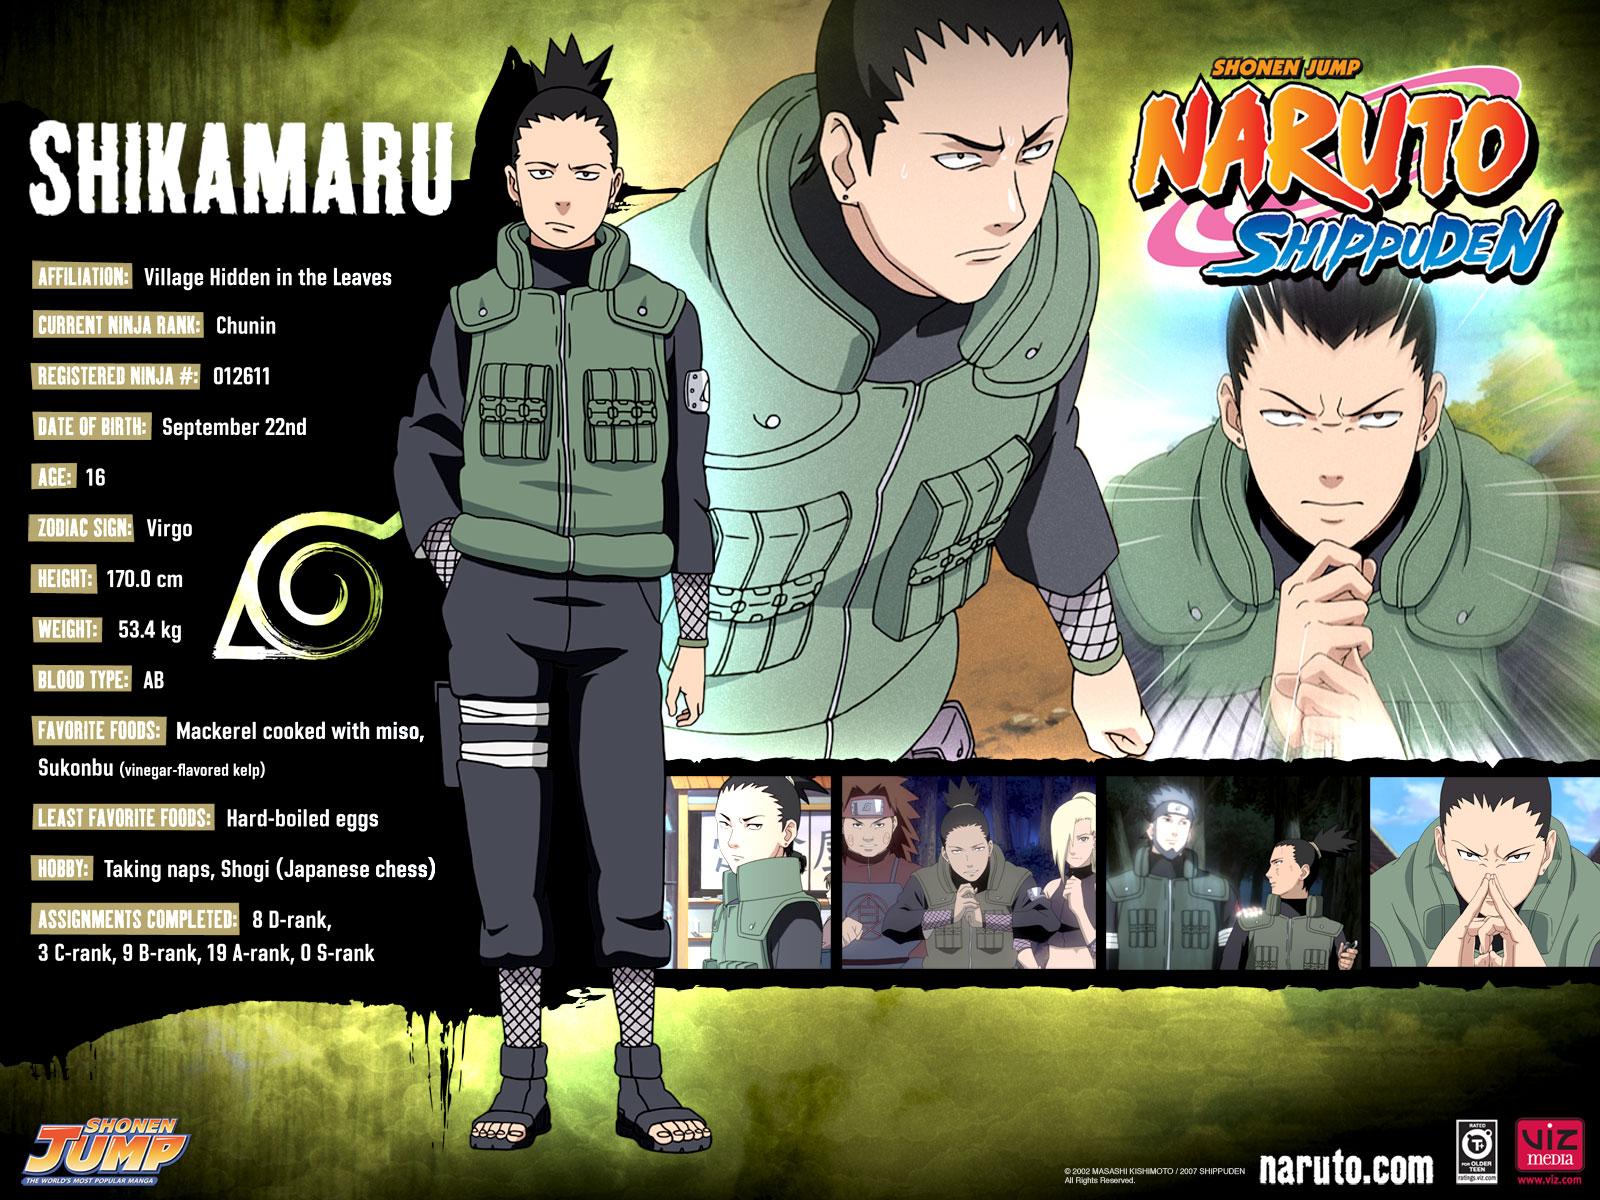 http://3.bp.blogspot.com/_UVEunAdac70/TKJFFT3_8bI/AAAAAAAABV8/6H27jfU0oho/s1600/Naruto_Shippuden_23_1600x1200.jpg